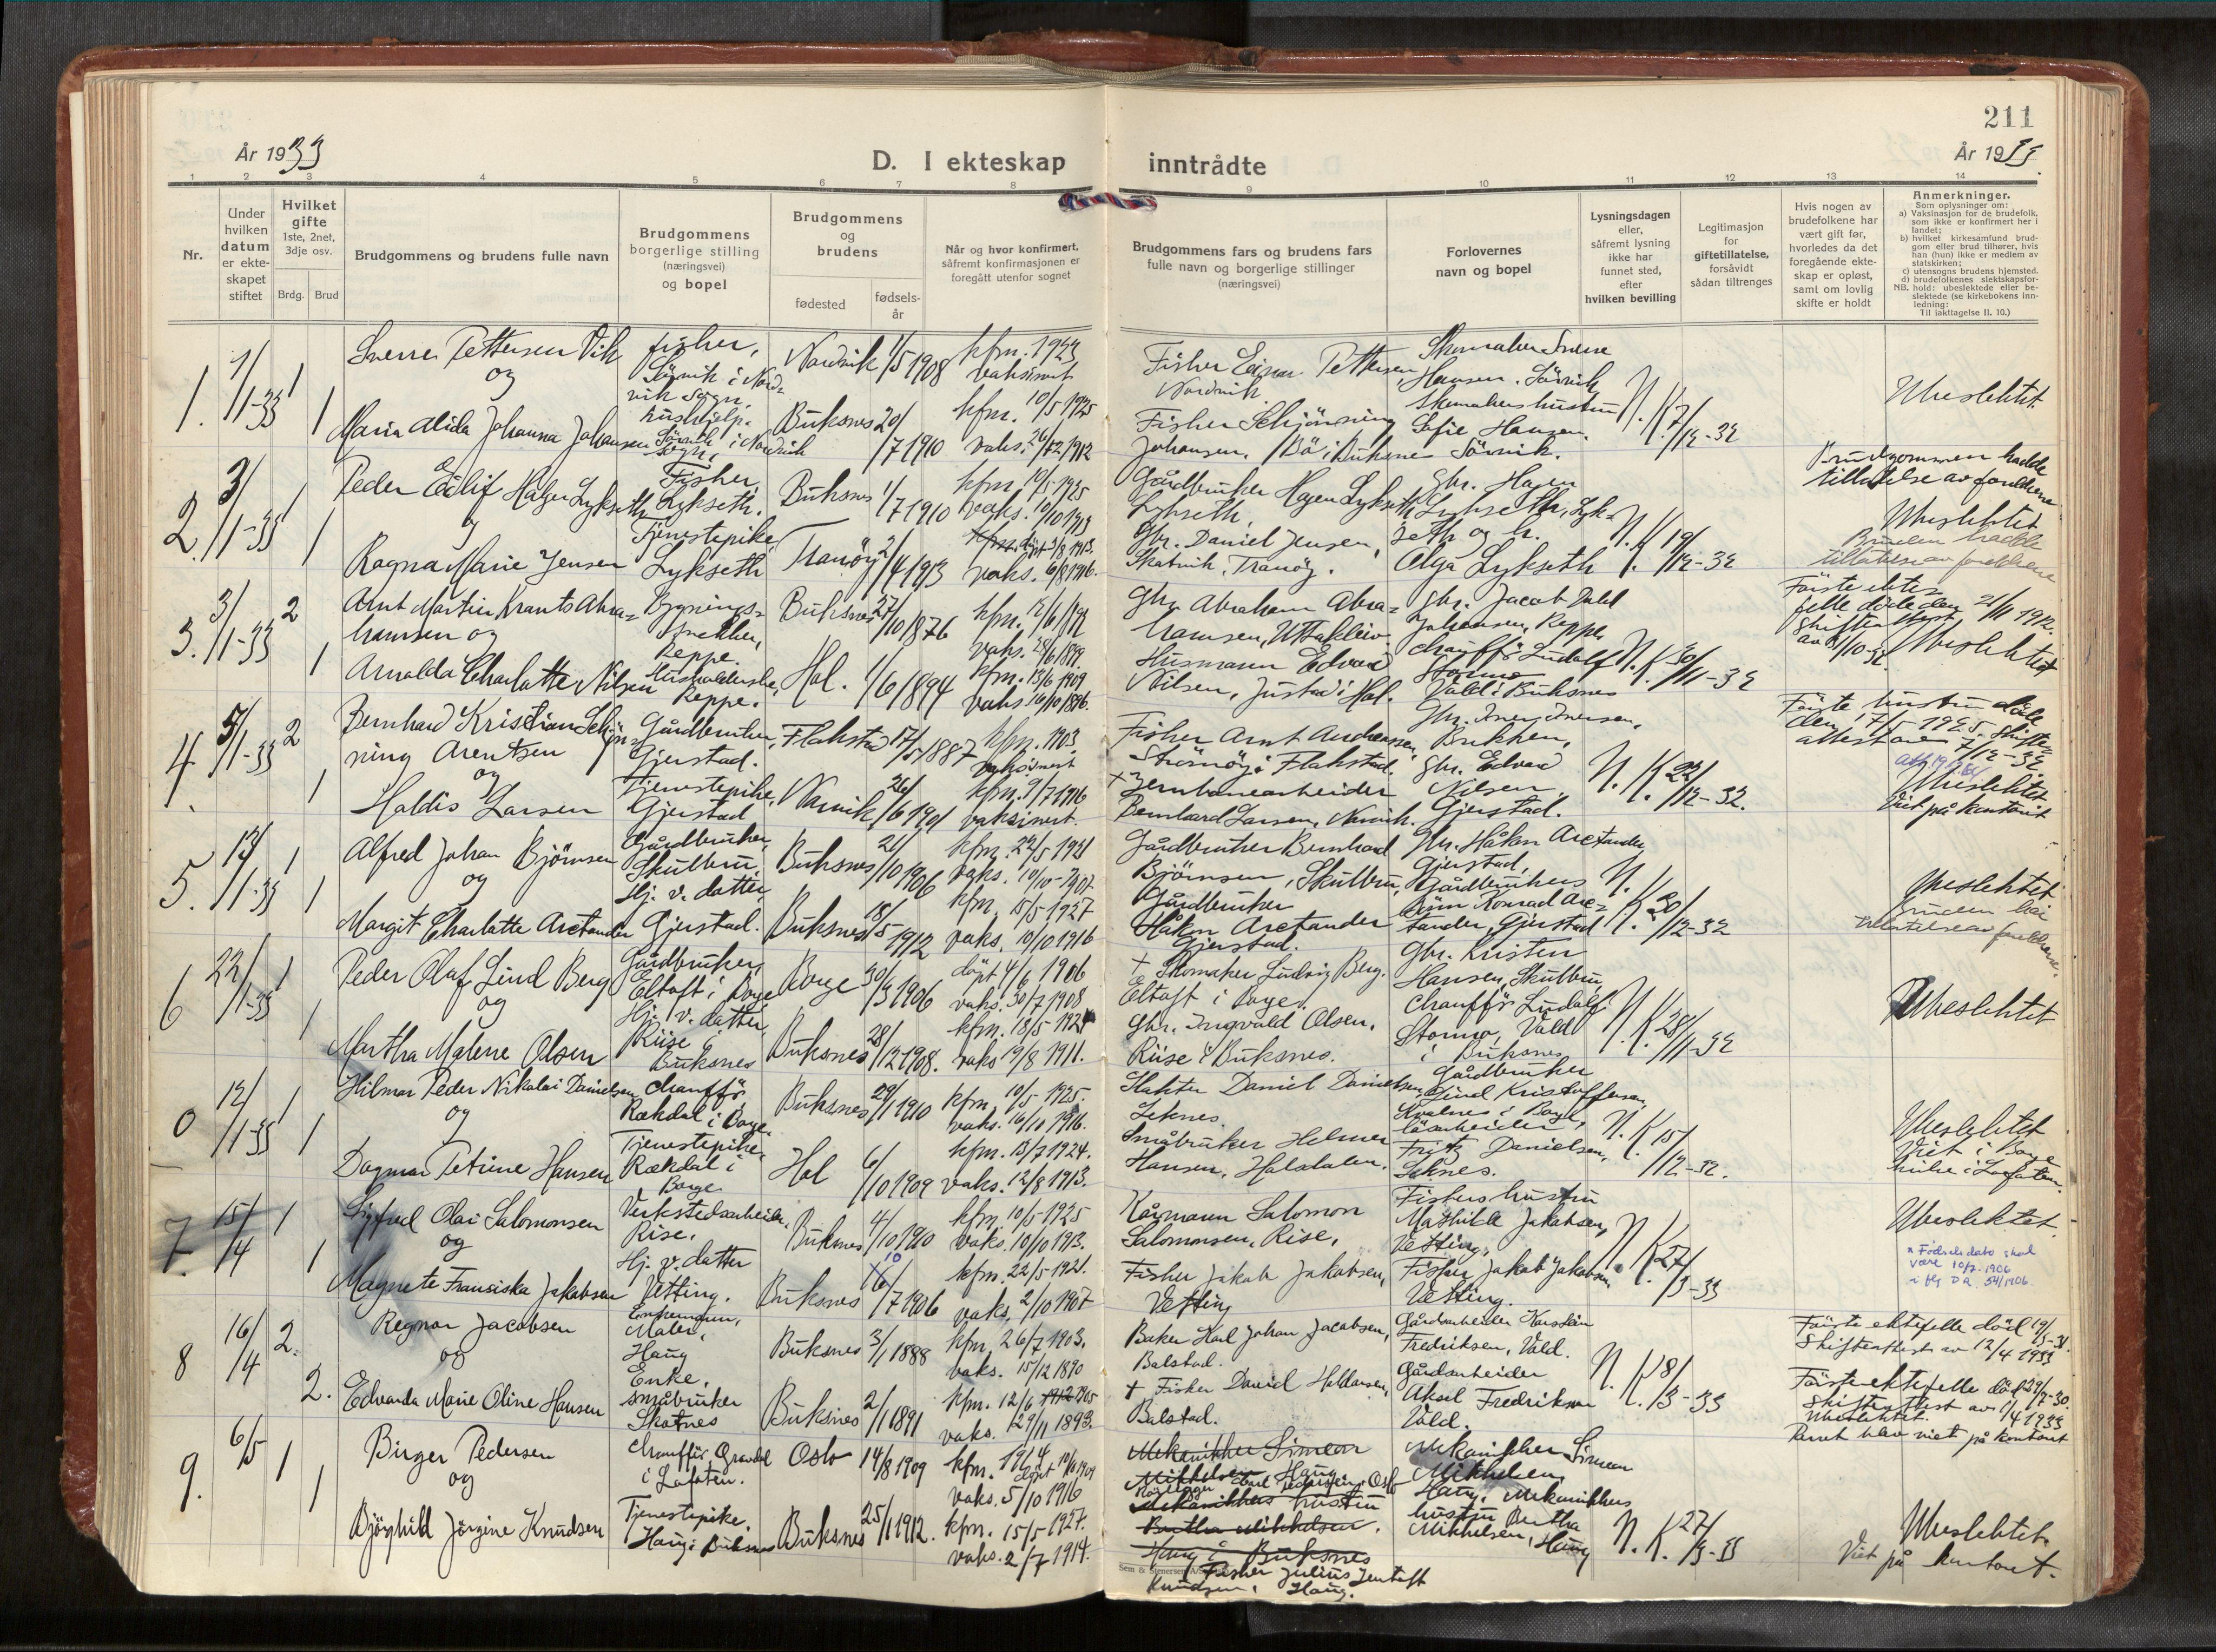 SAT, Ministerialprotokoller, klokkerbøker og fødselsregistre - Nordland, 881/L1161: Parish register (official) no. 881A14, 1932-1955, p. 211